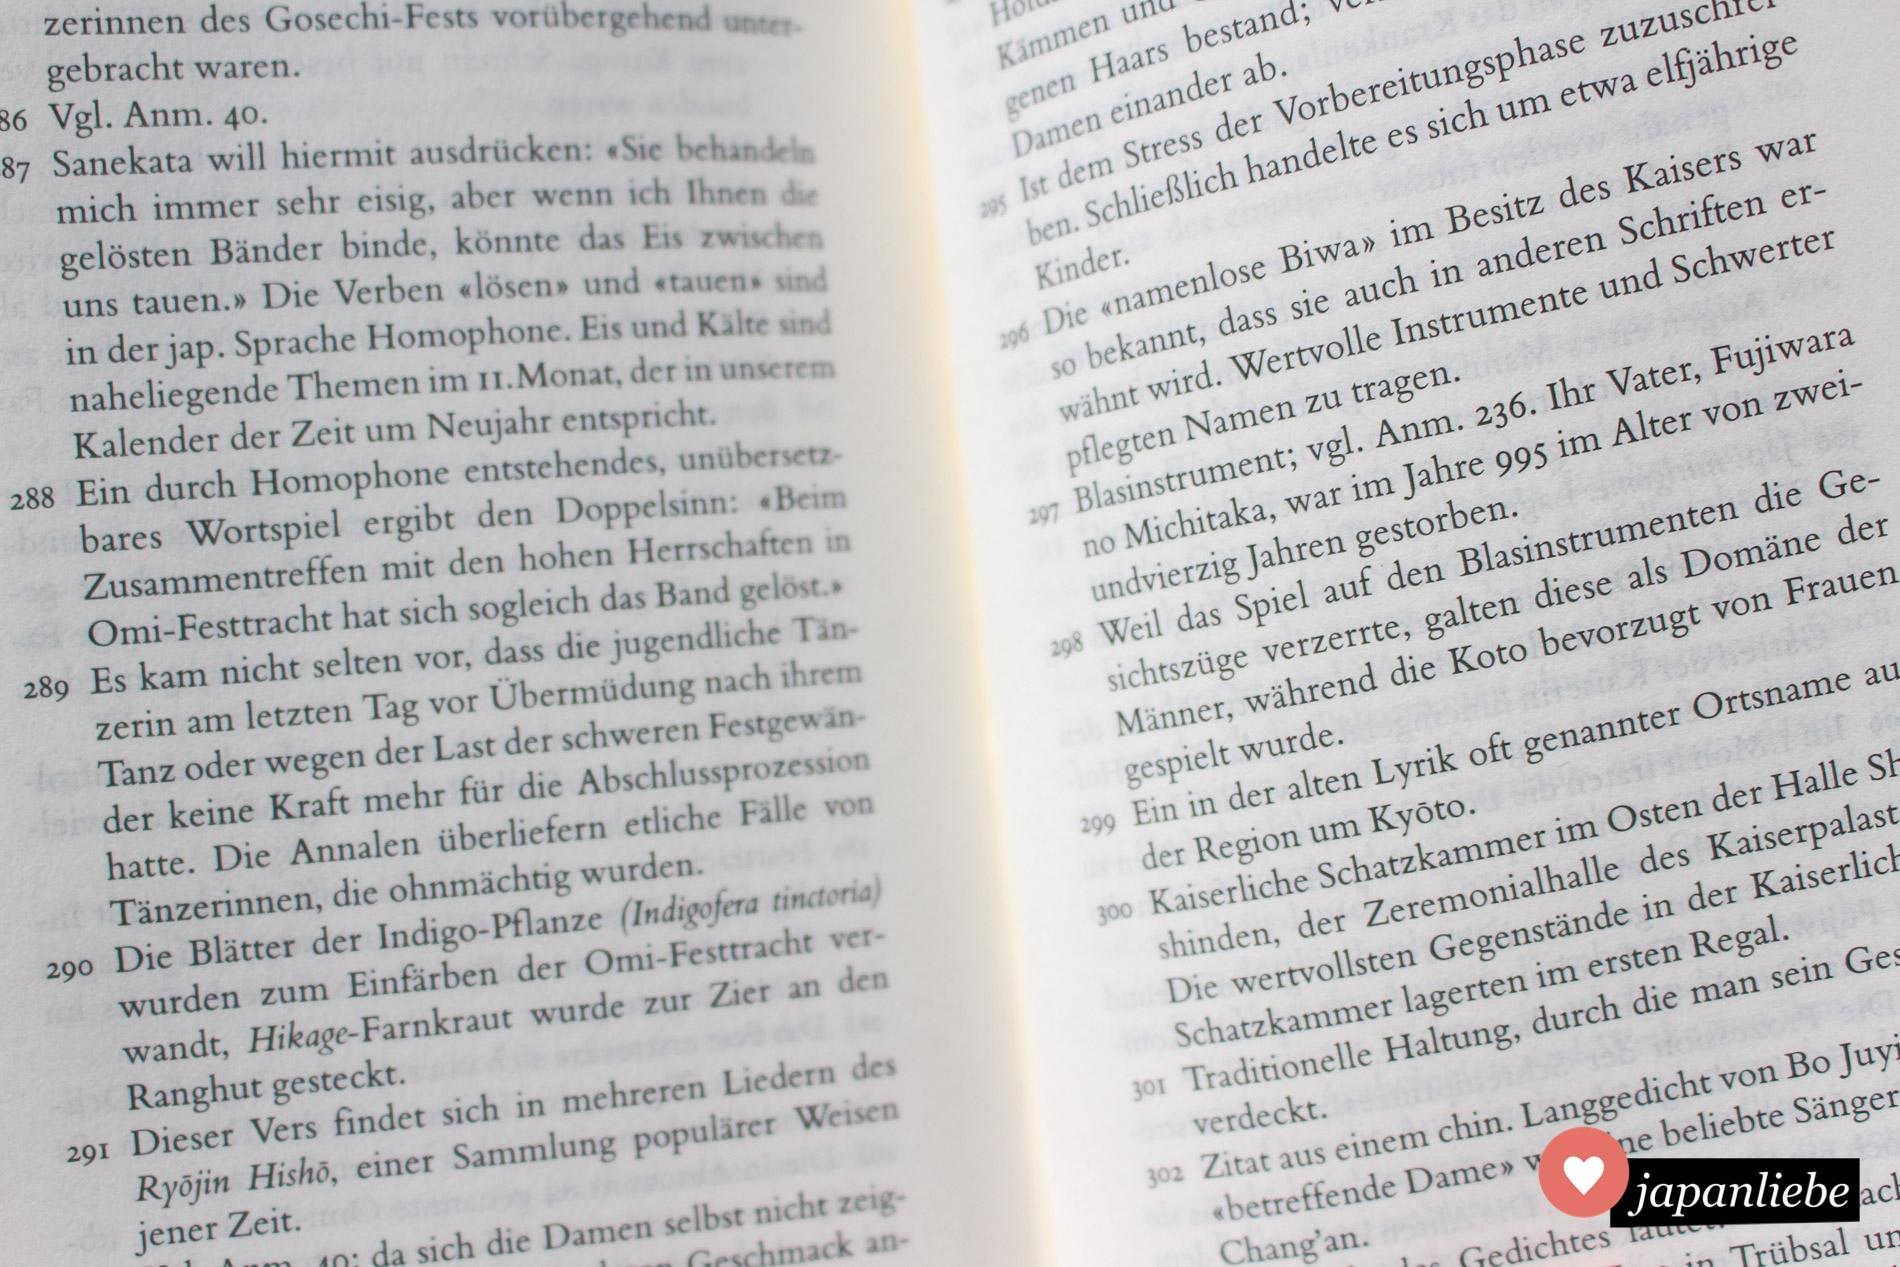 """861 Fußnoten helfen dabei, das """"Kopfkissenbuch"""" besser zu verstehen."""